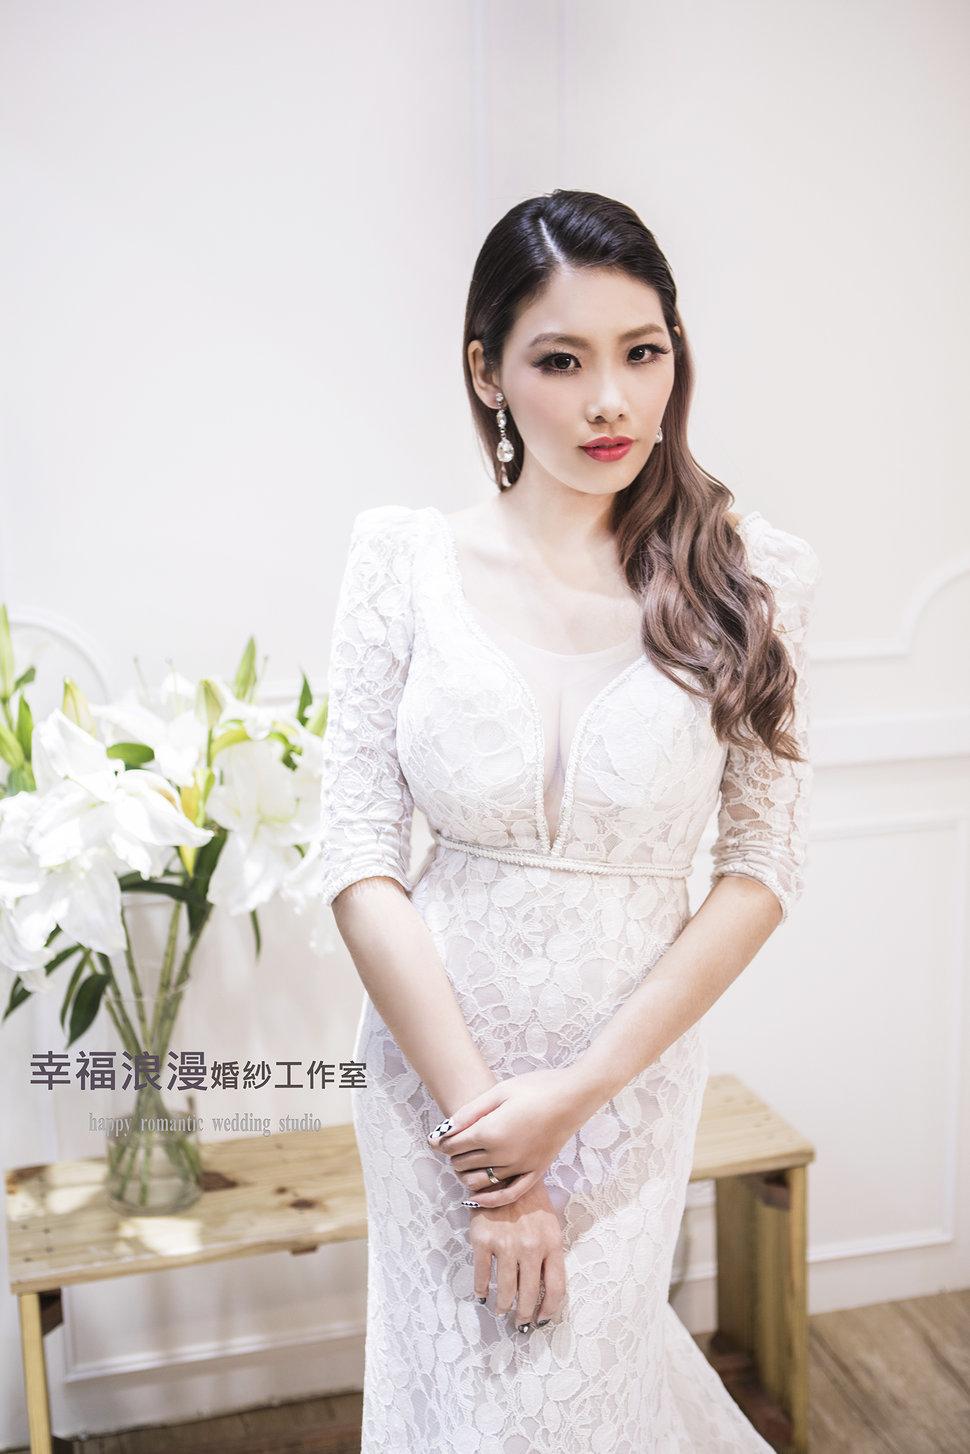 5G3A2543-1 - 幸福浪漫婚紗工作室 韓式婚紗攝影《結婚吧》